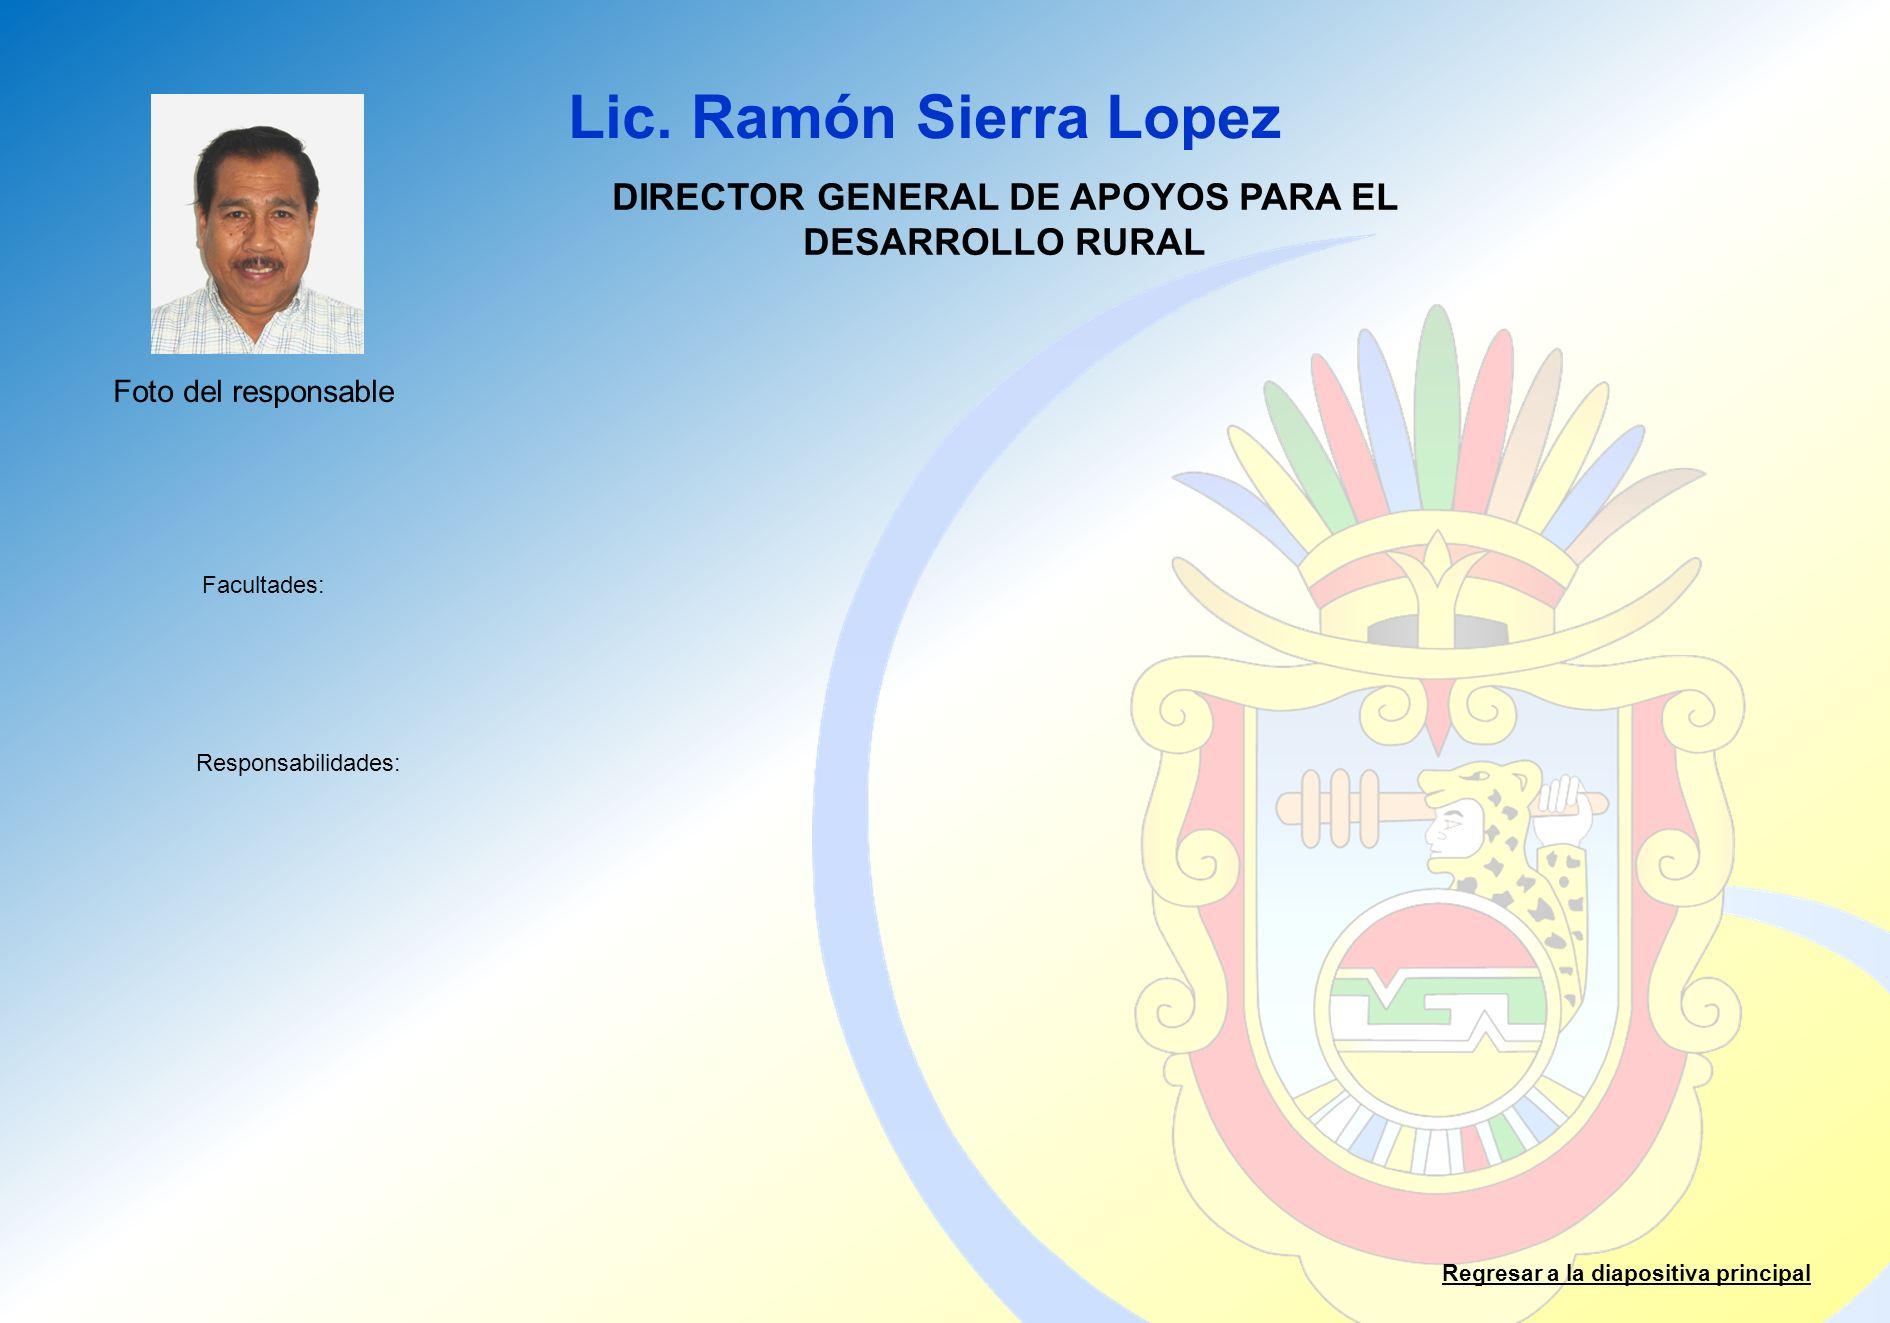 Lic. Ramón Sierra Lopez Facultades: Responsabilidades: Regresar a la diapositiva principal DIRECTOR GENERAL DE APOYOS PARA EL DESARROLLO RURAL Foto de